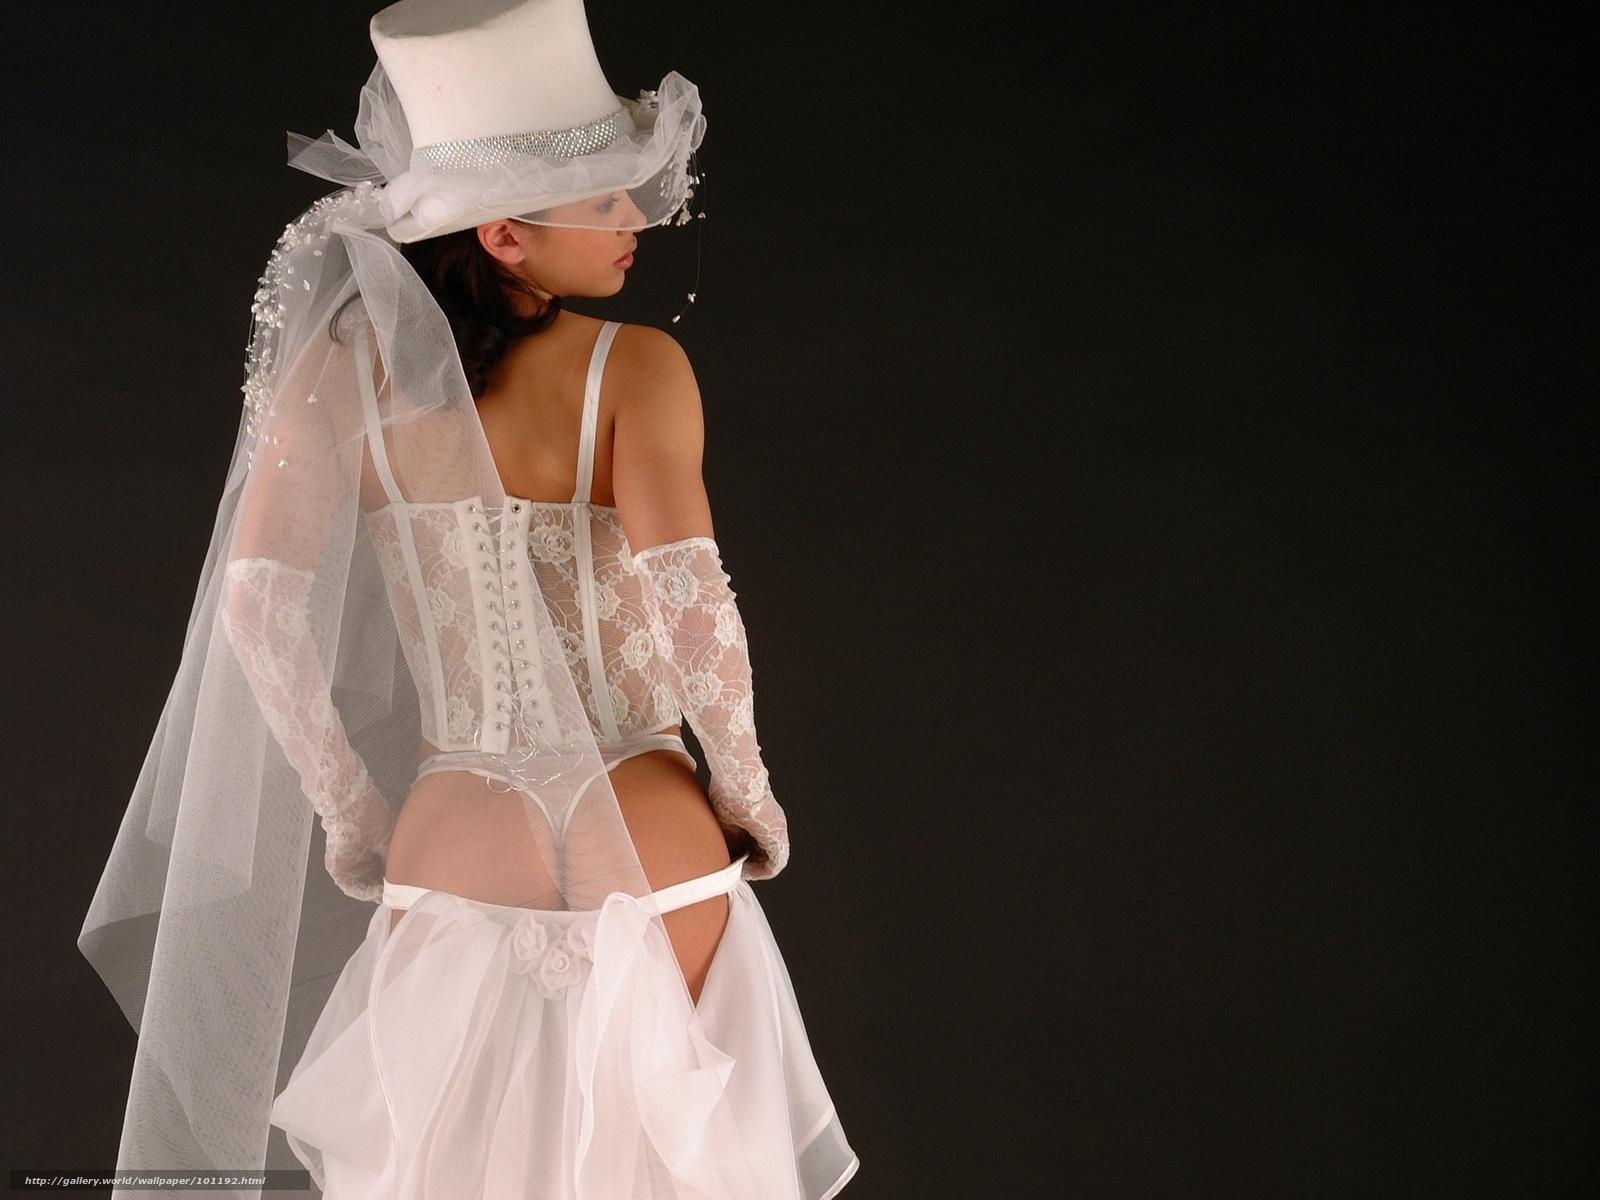 Самые эротичные наряды, Долой стыд: 20 самых скандальных звездных нарядов 20 фотография